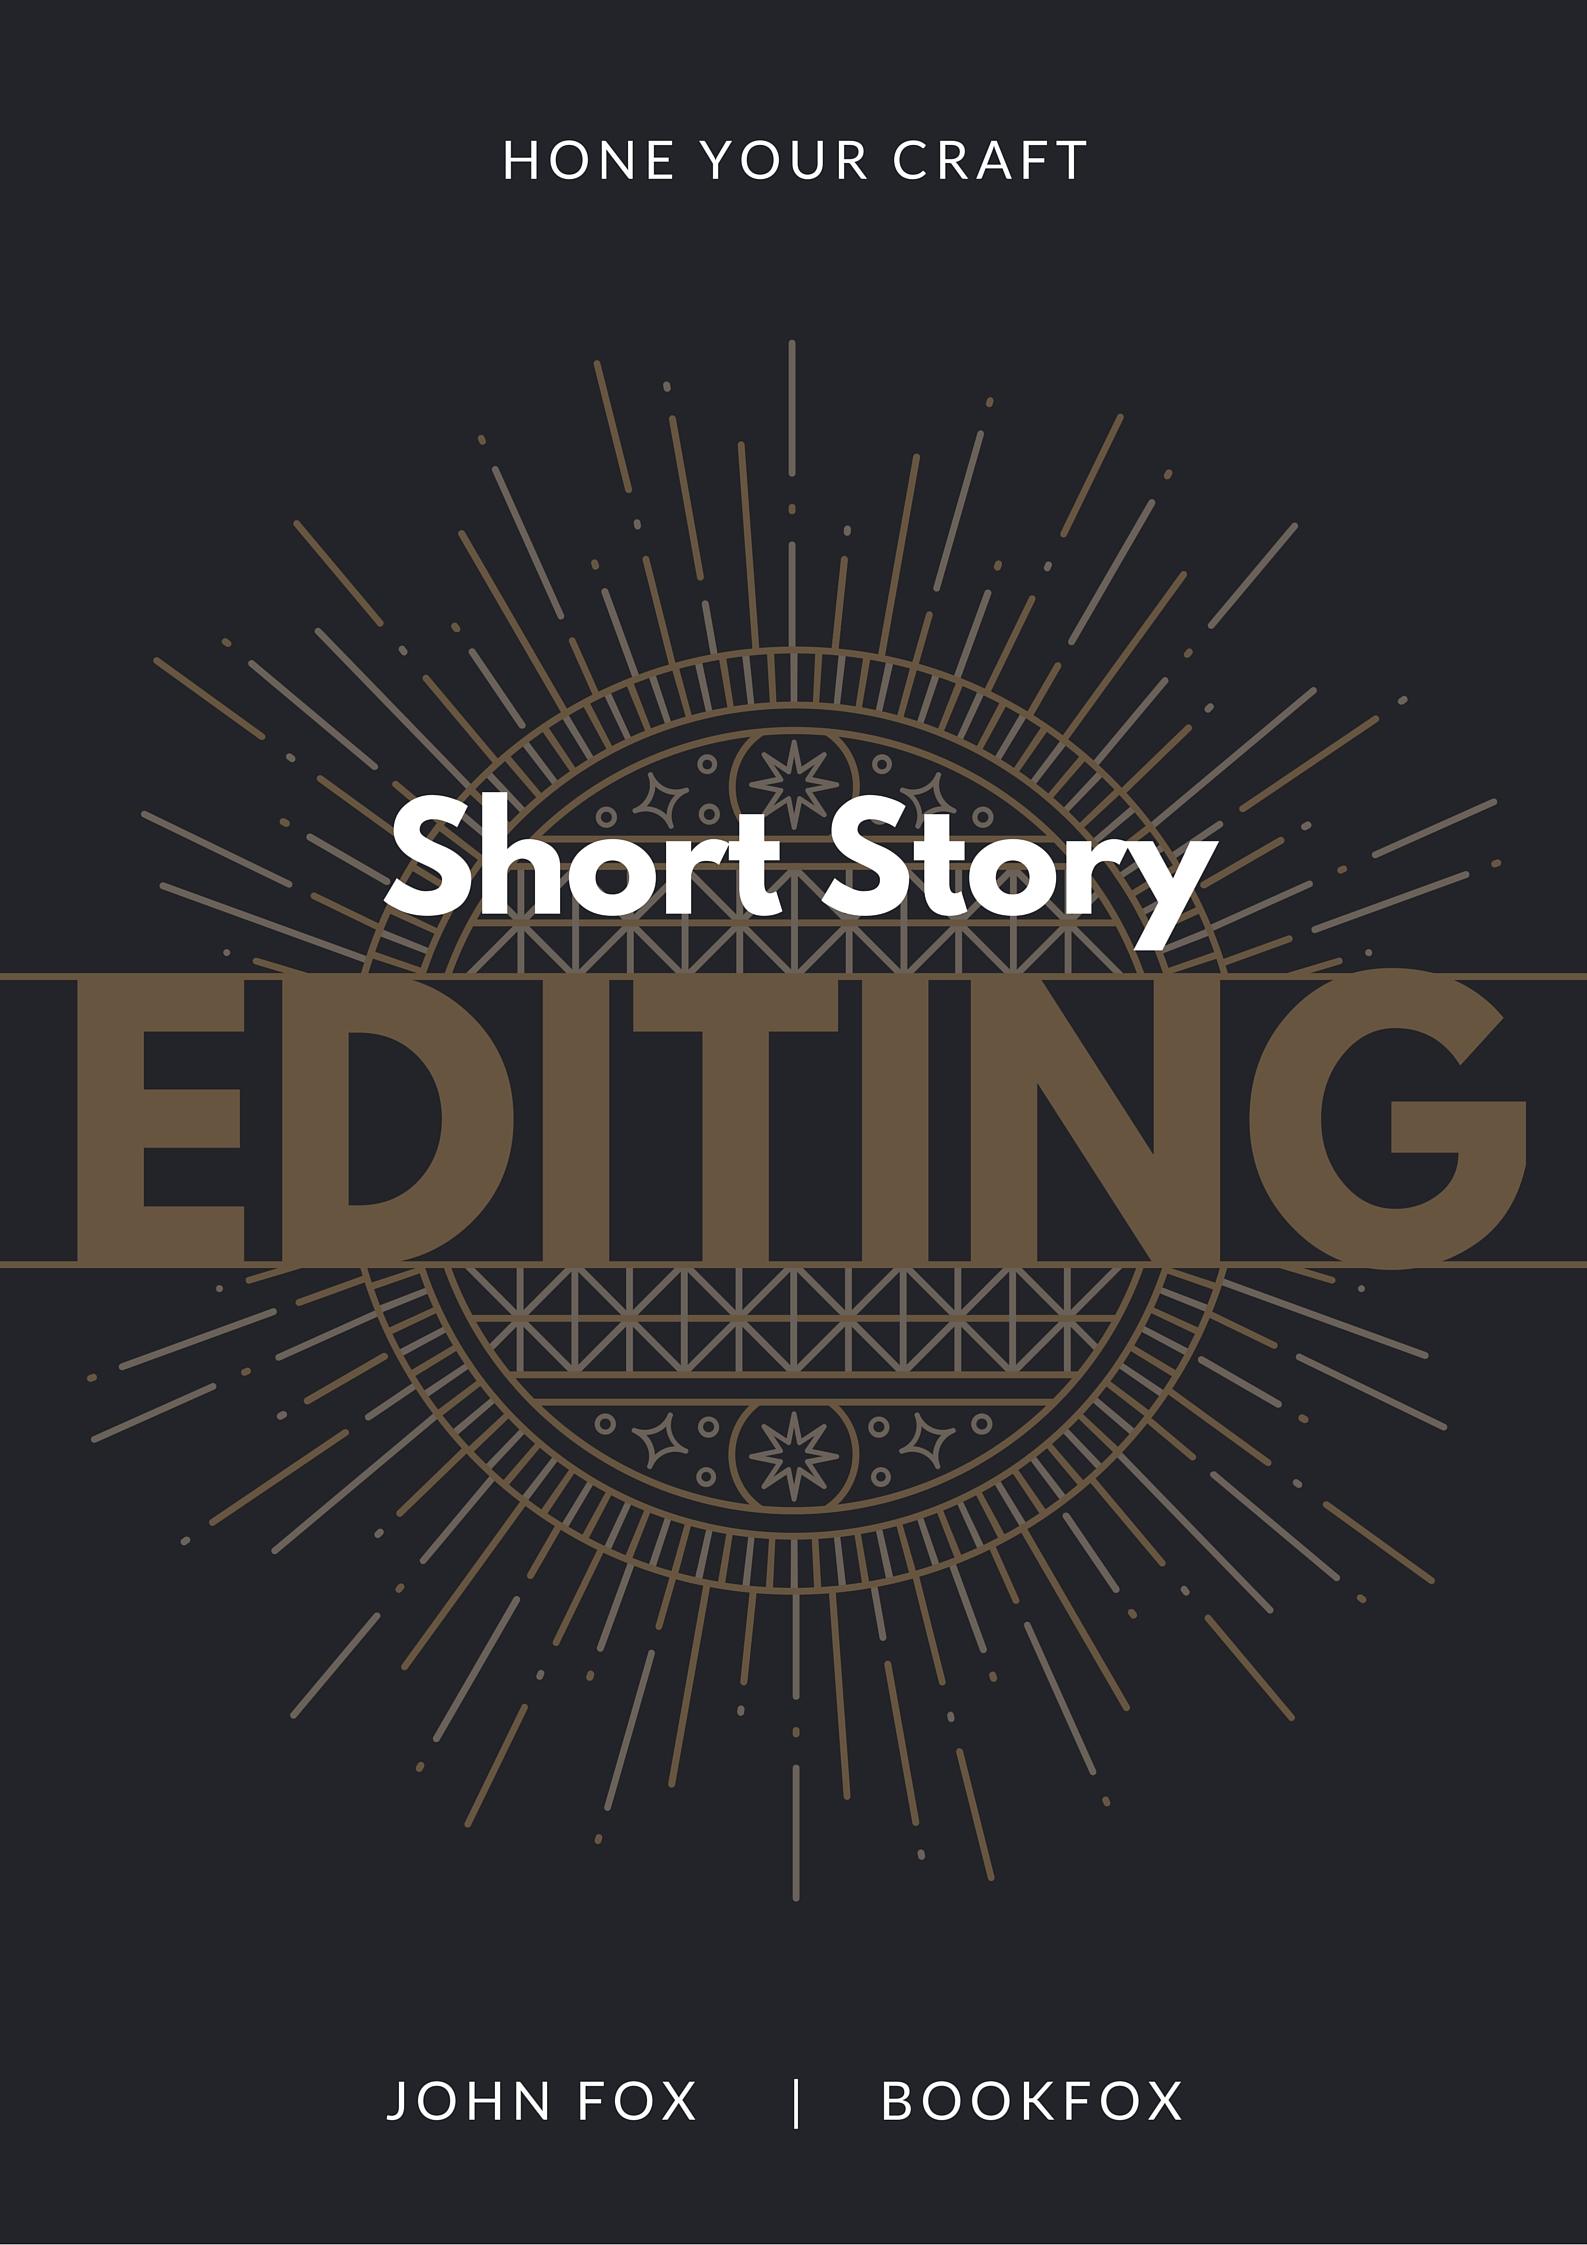 Short Story Editor